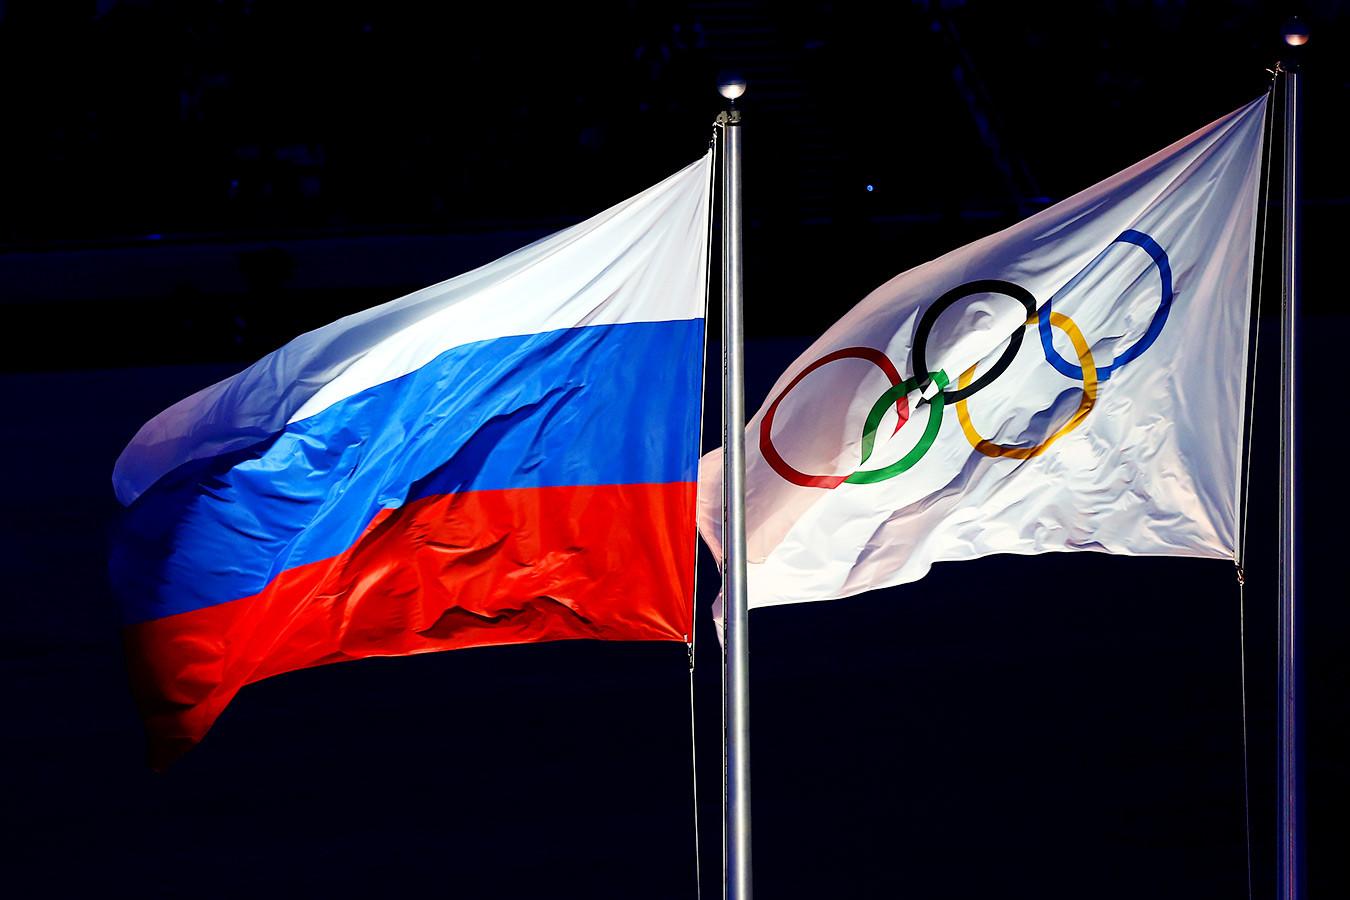 На Олимпиадах в Токио и Пекине российские спортсмены будут выступать как команда ROC